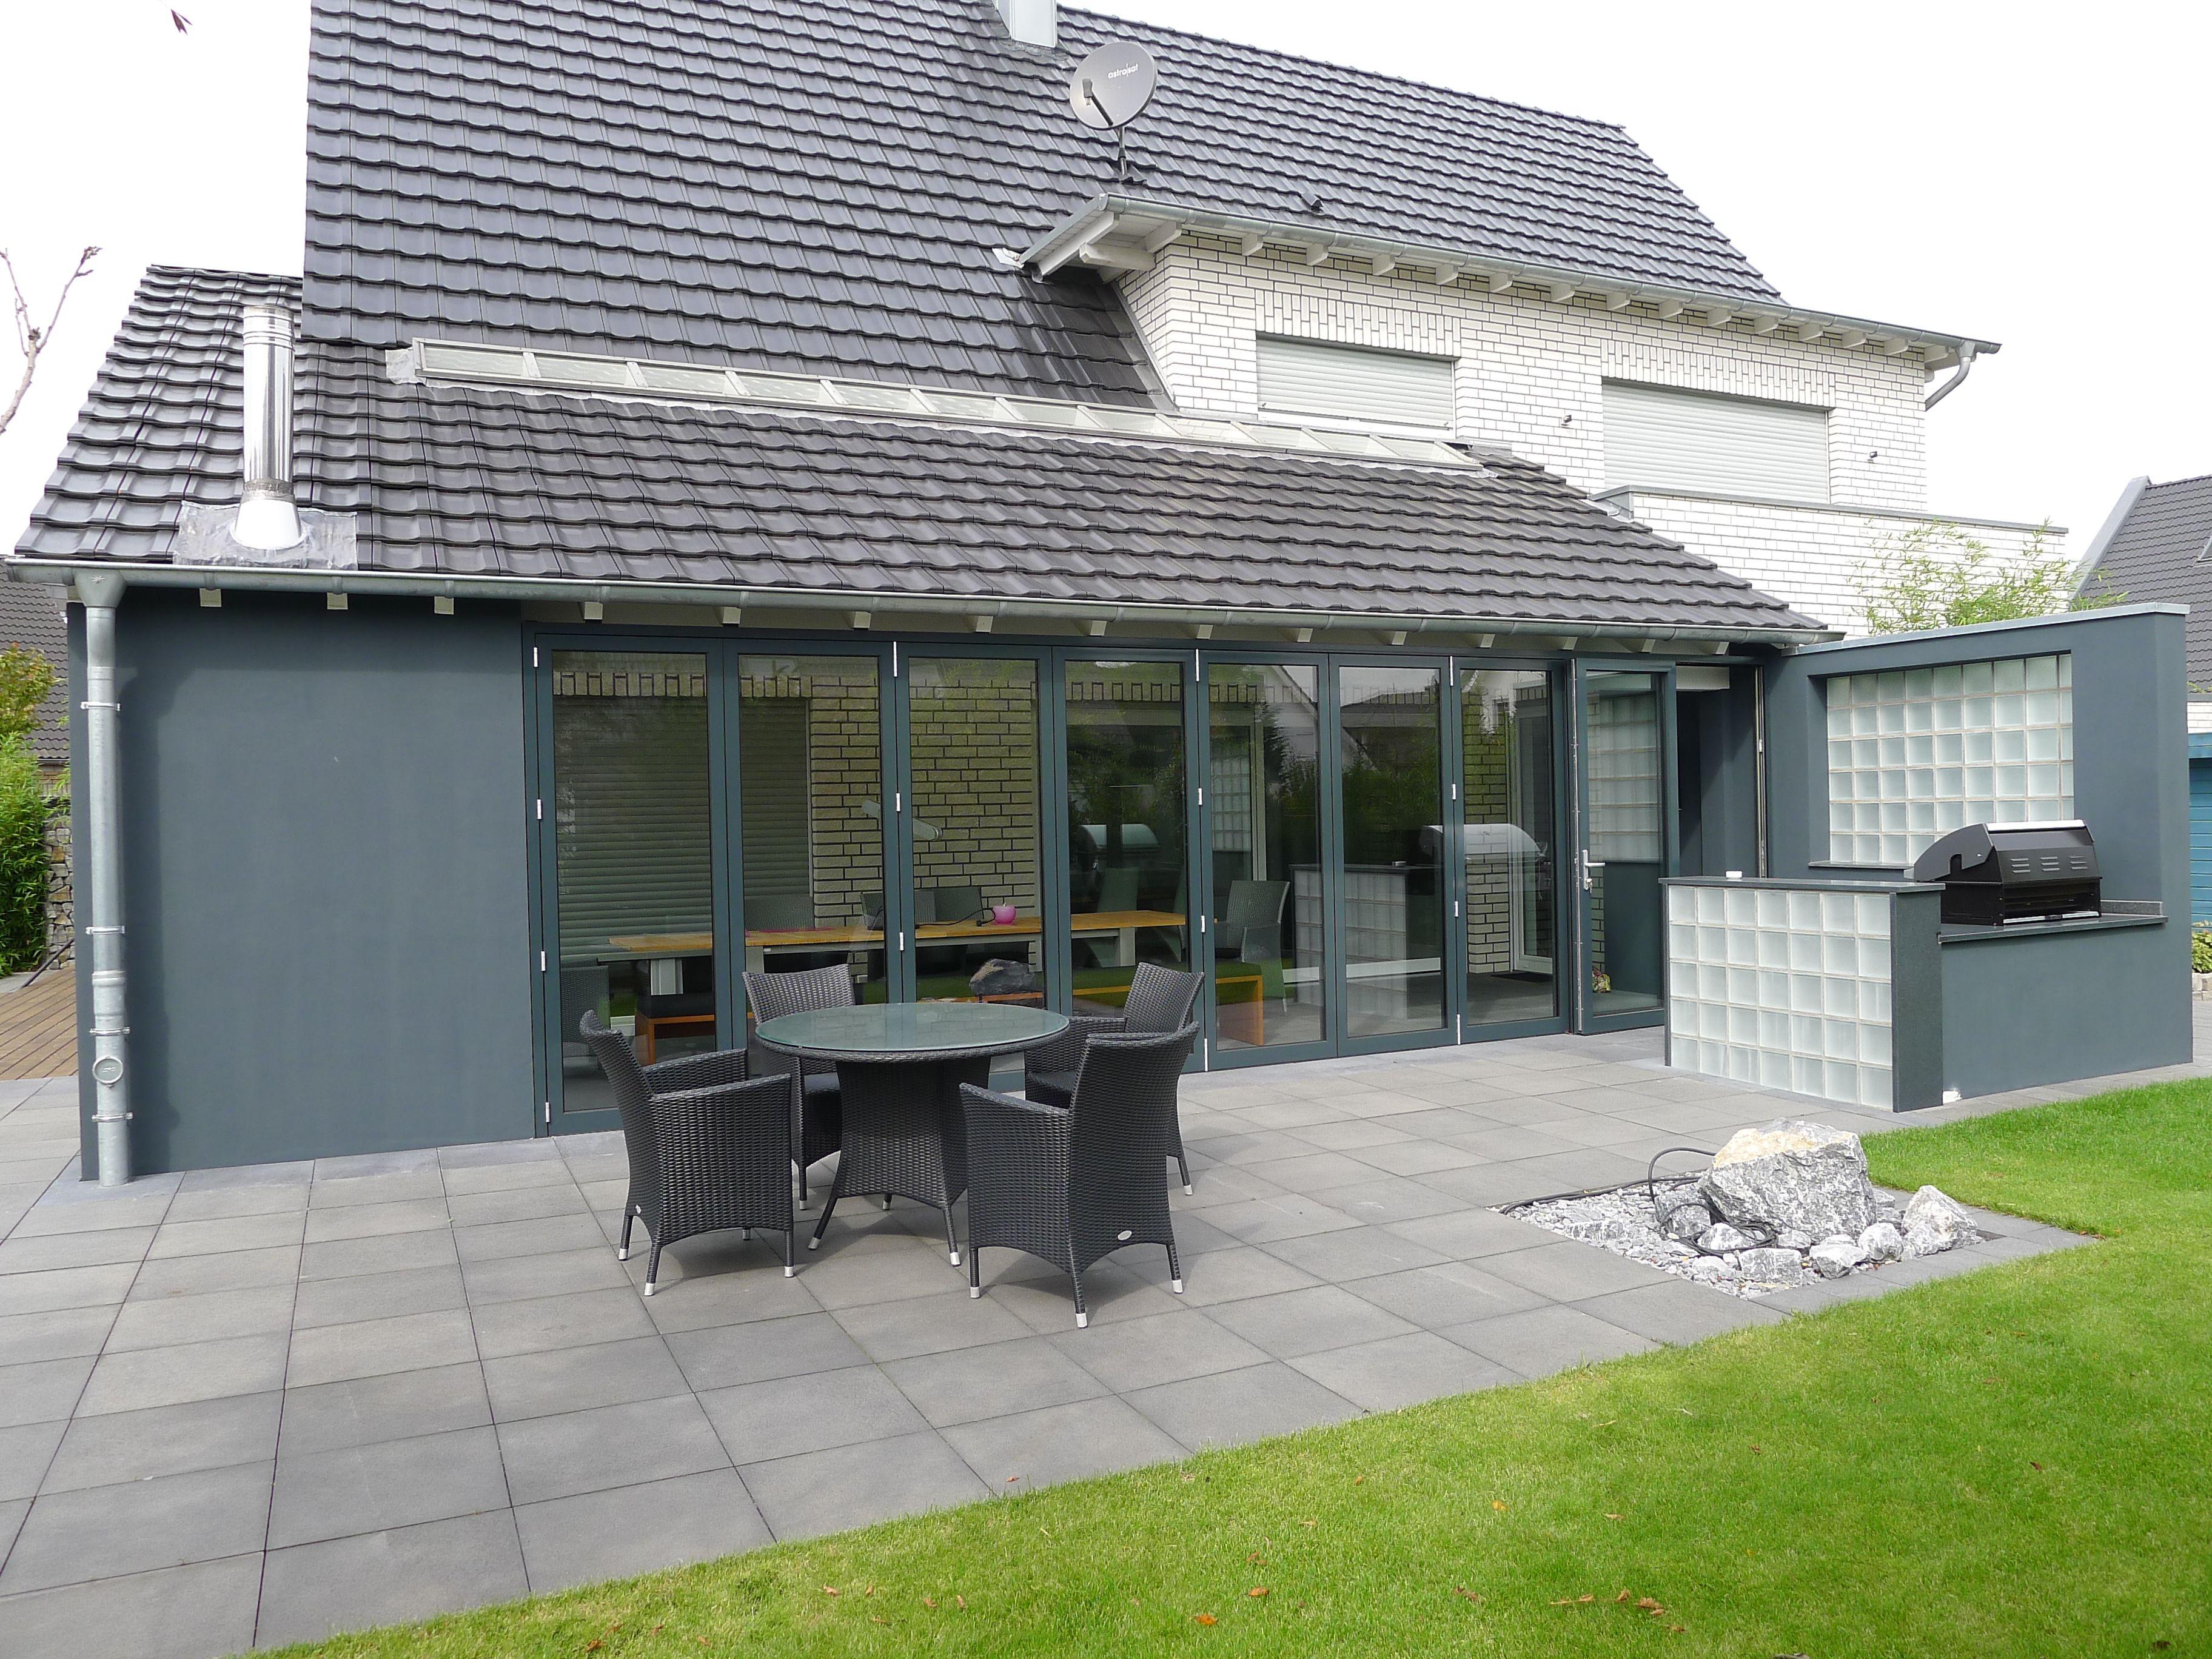 wintergarten und outdoor k che outdoor k che barbecue pinterest outdoor k che garten. Black Bedroom Furniture Sets. Home Design Ideas